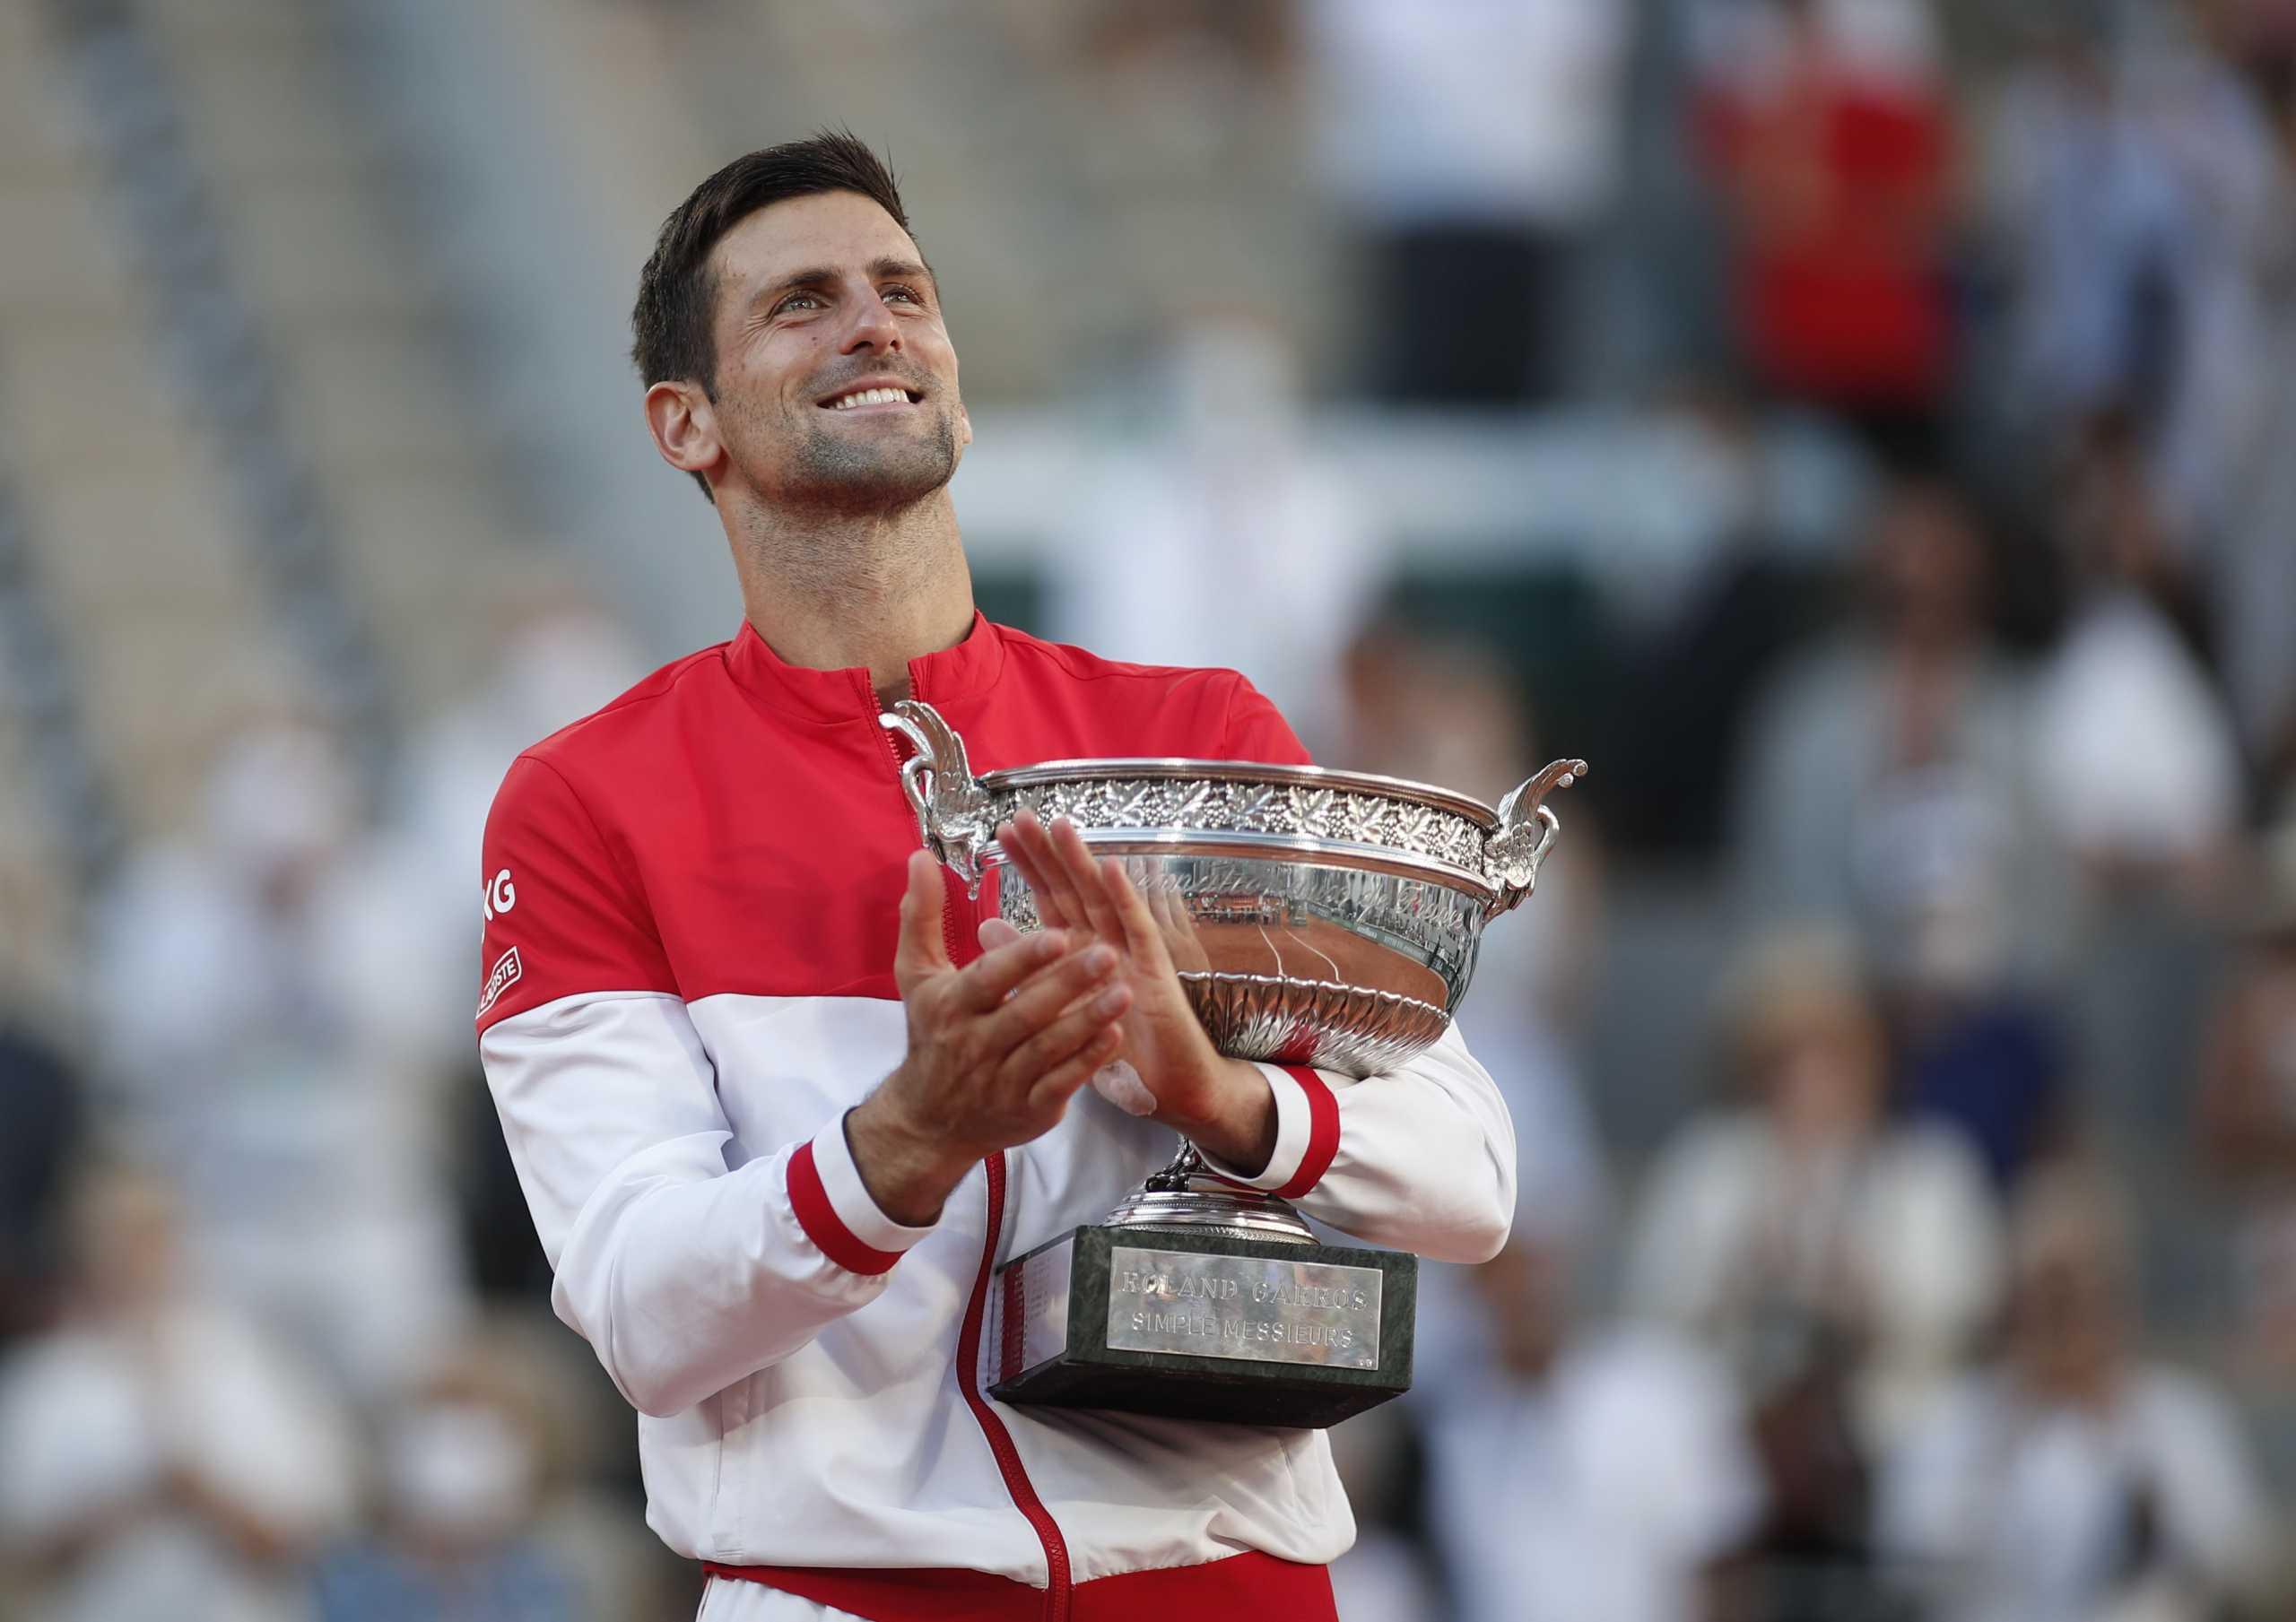 Νόβακ Τζόκοβιτς: Έγραψε ιστορία ο Σέρβος με τον τίτλο στο Roland Garros